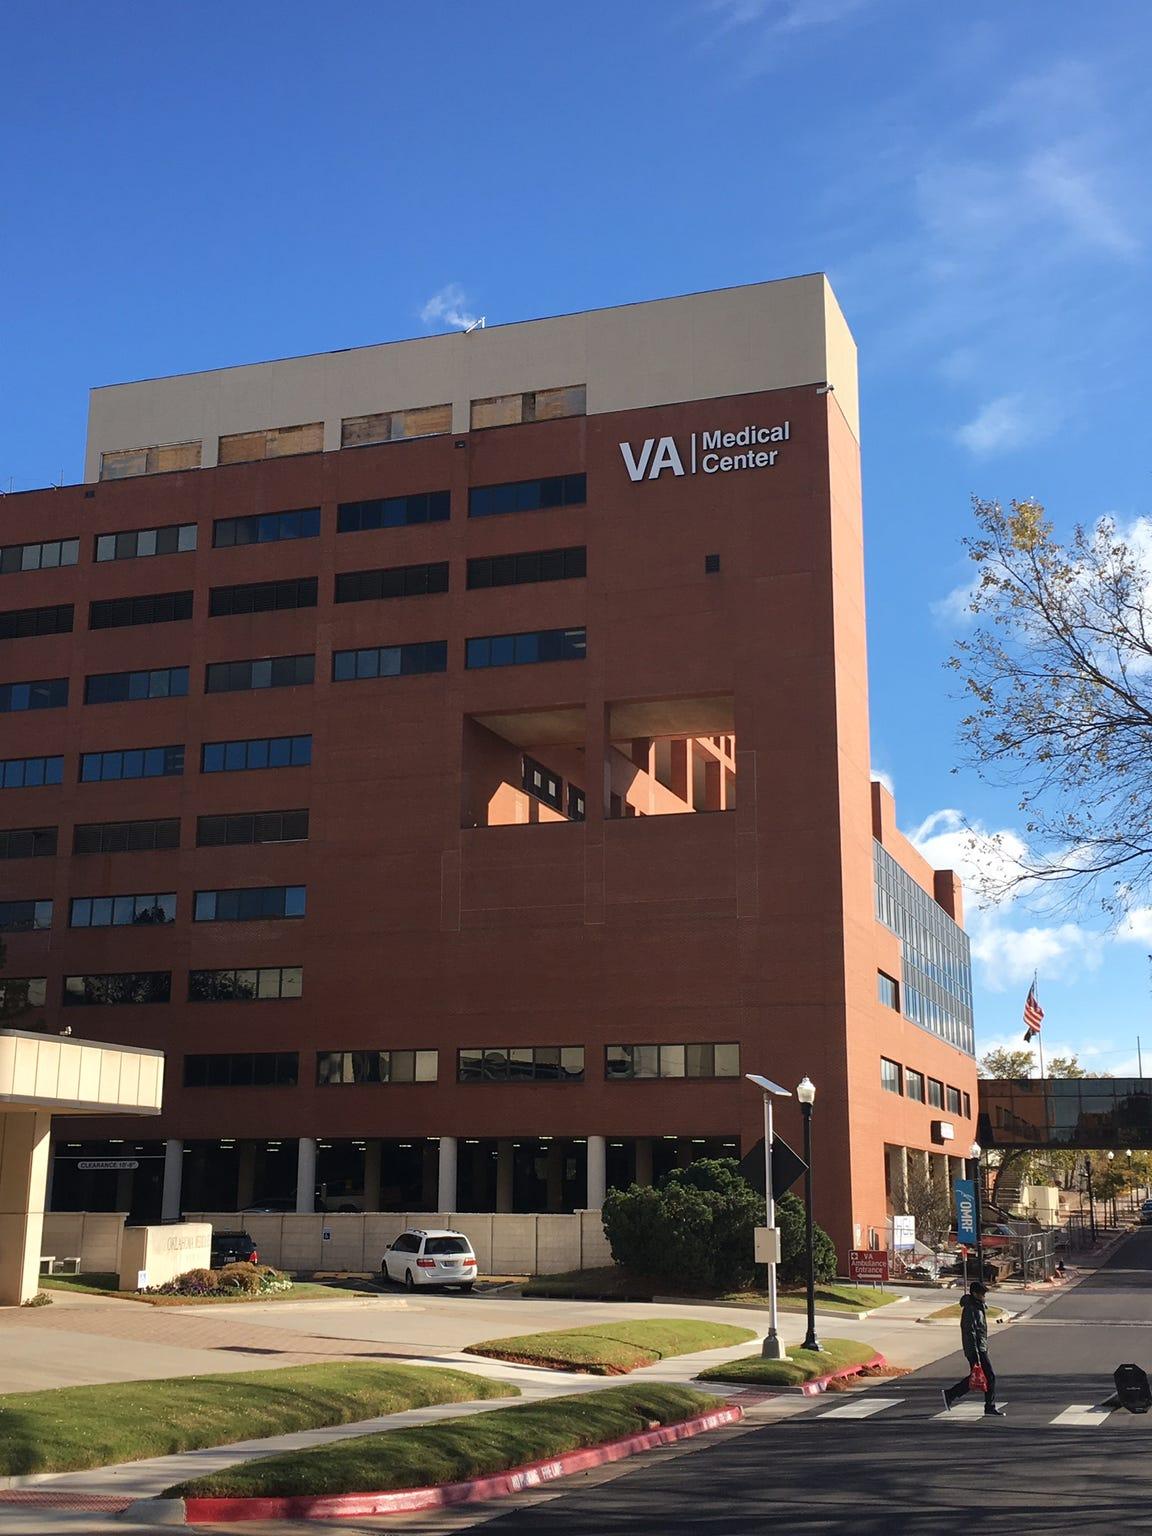 VA officials launched investigations of five patient